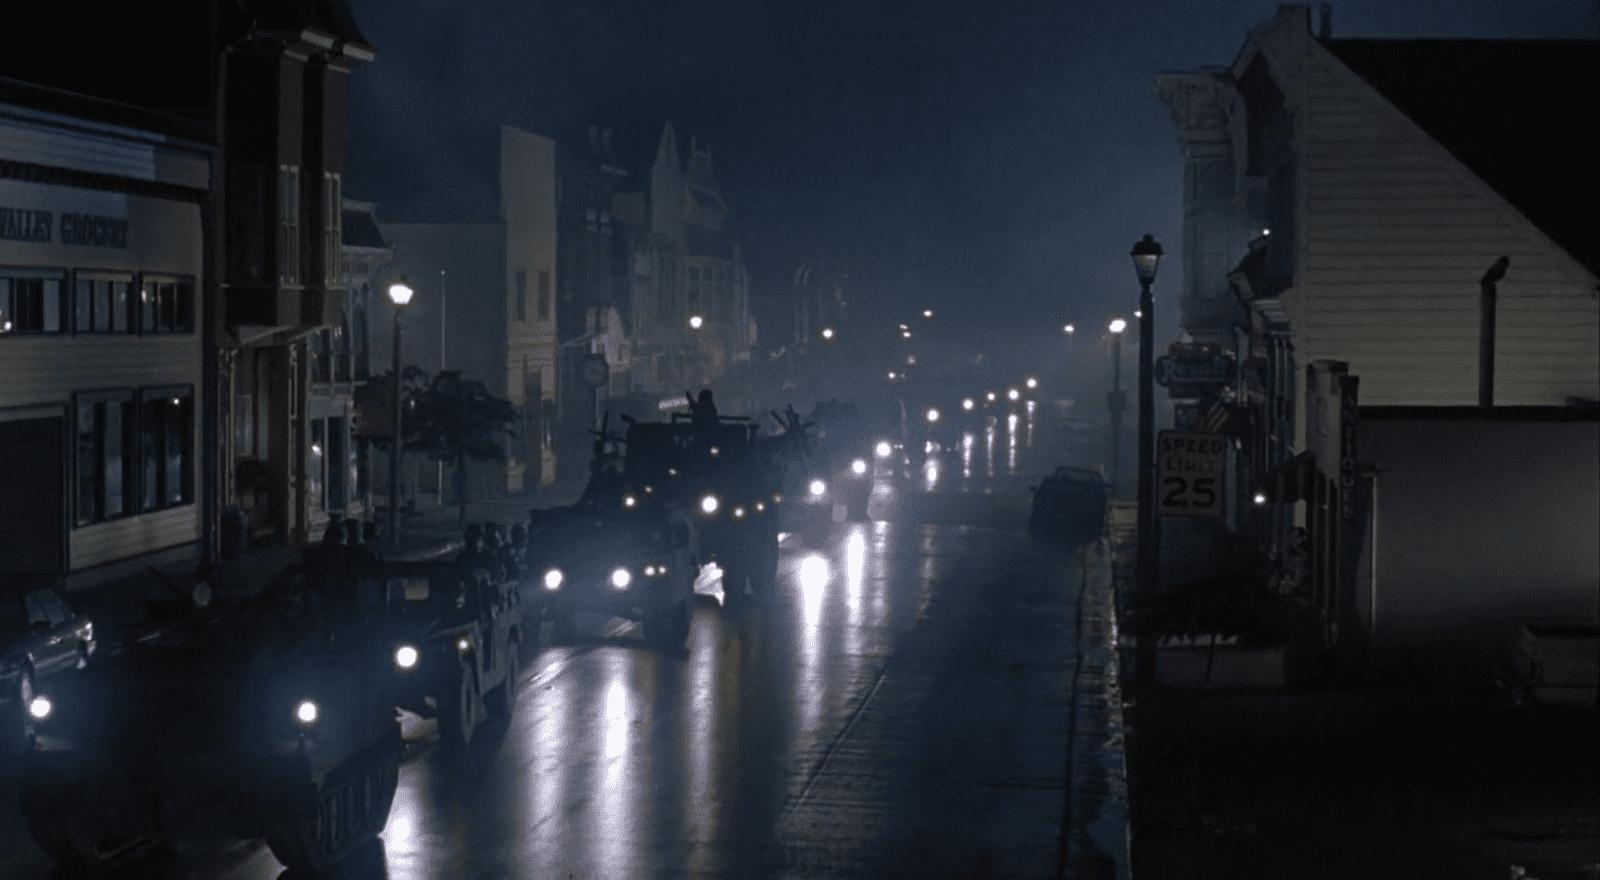 In der Kleinstadt Cedar Creek treten Krankheitsfälle mit ähnlichen Symptomen auf. Die Stadt wird abgeriegelt. Filmstill aus Outbreak (Petersen 1995).